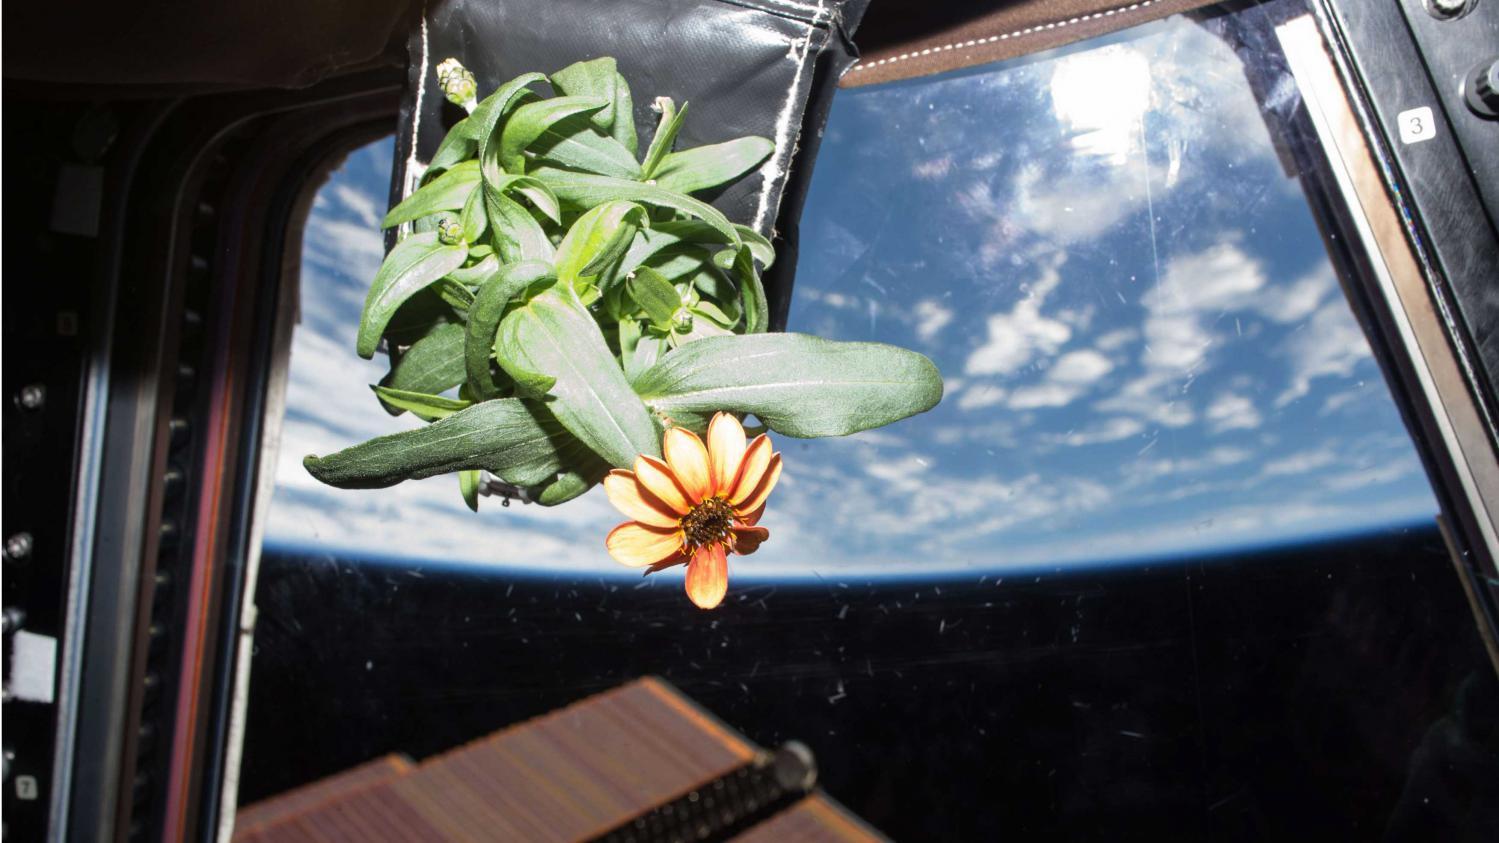 Le zinnia fleur de l 39 espace et un livre pour sauver les serres d 39 auteuil - Les sinsin de l espace ...